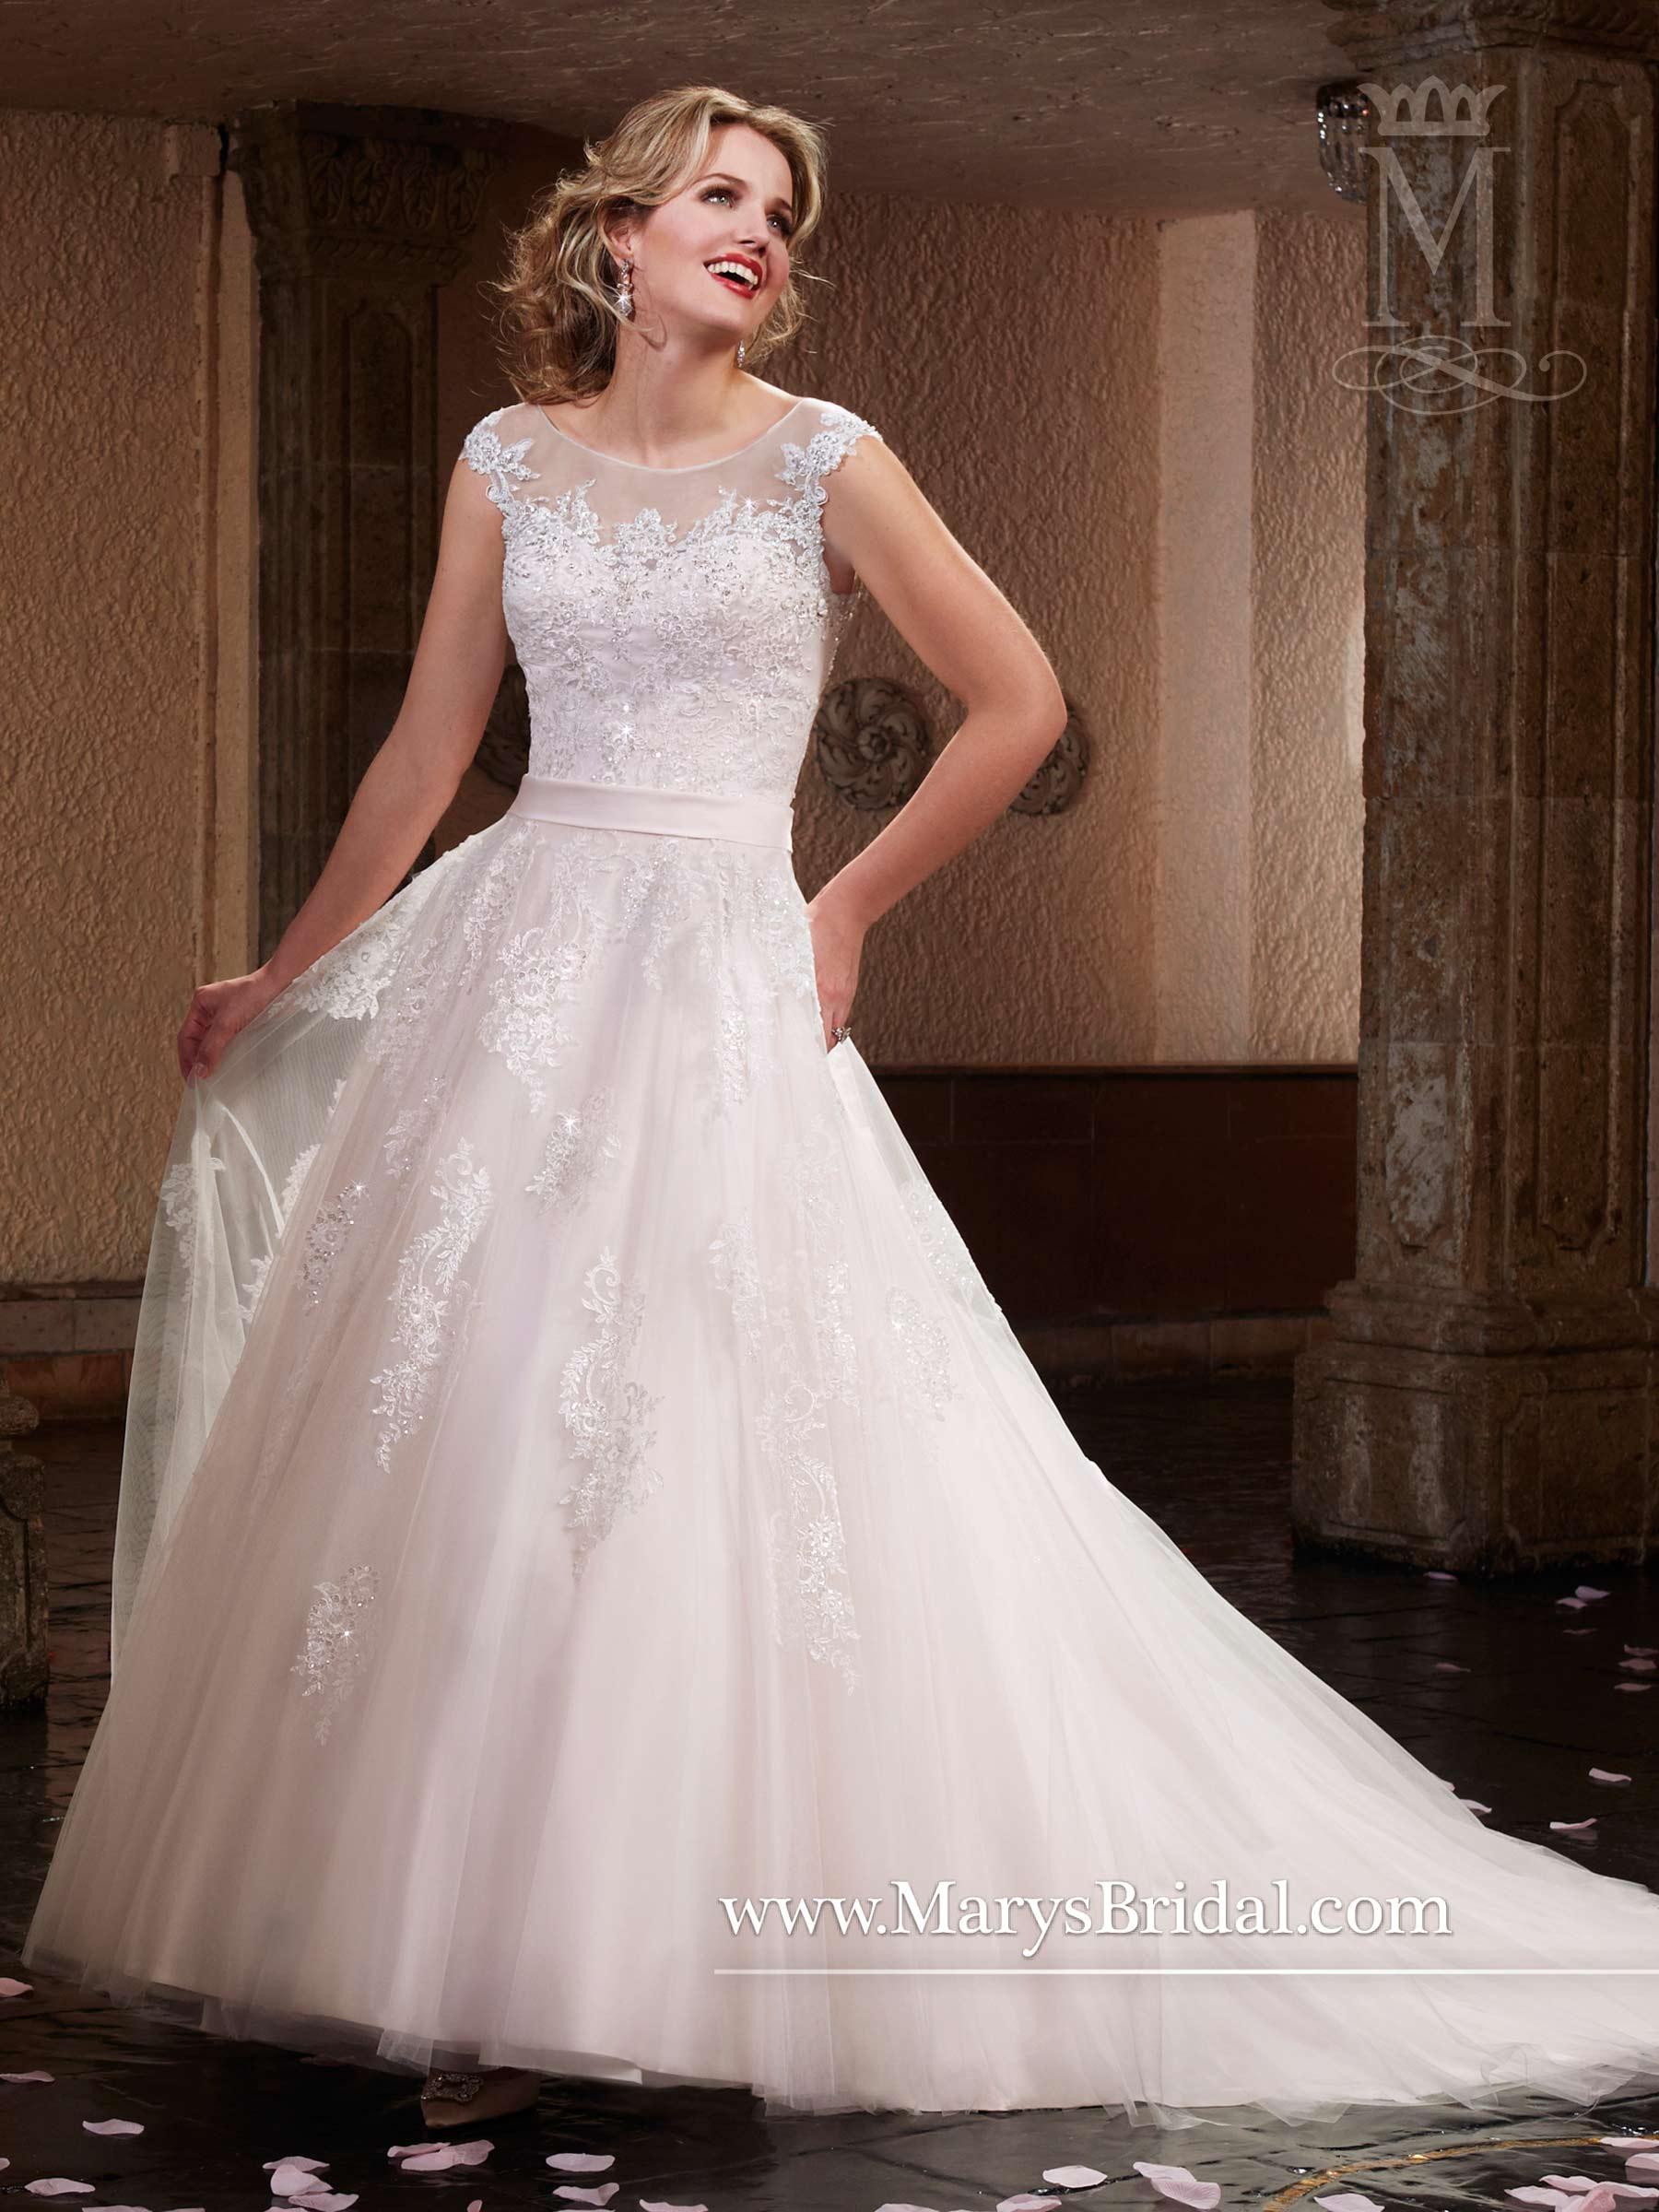 6377-marys bridal